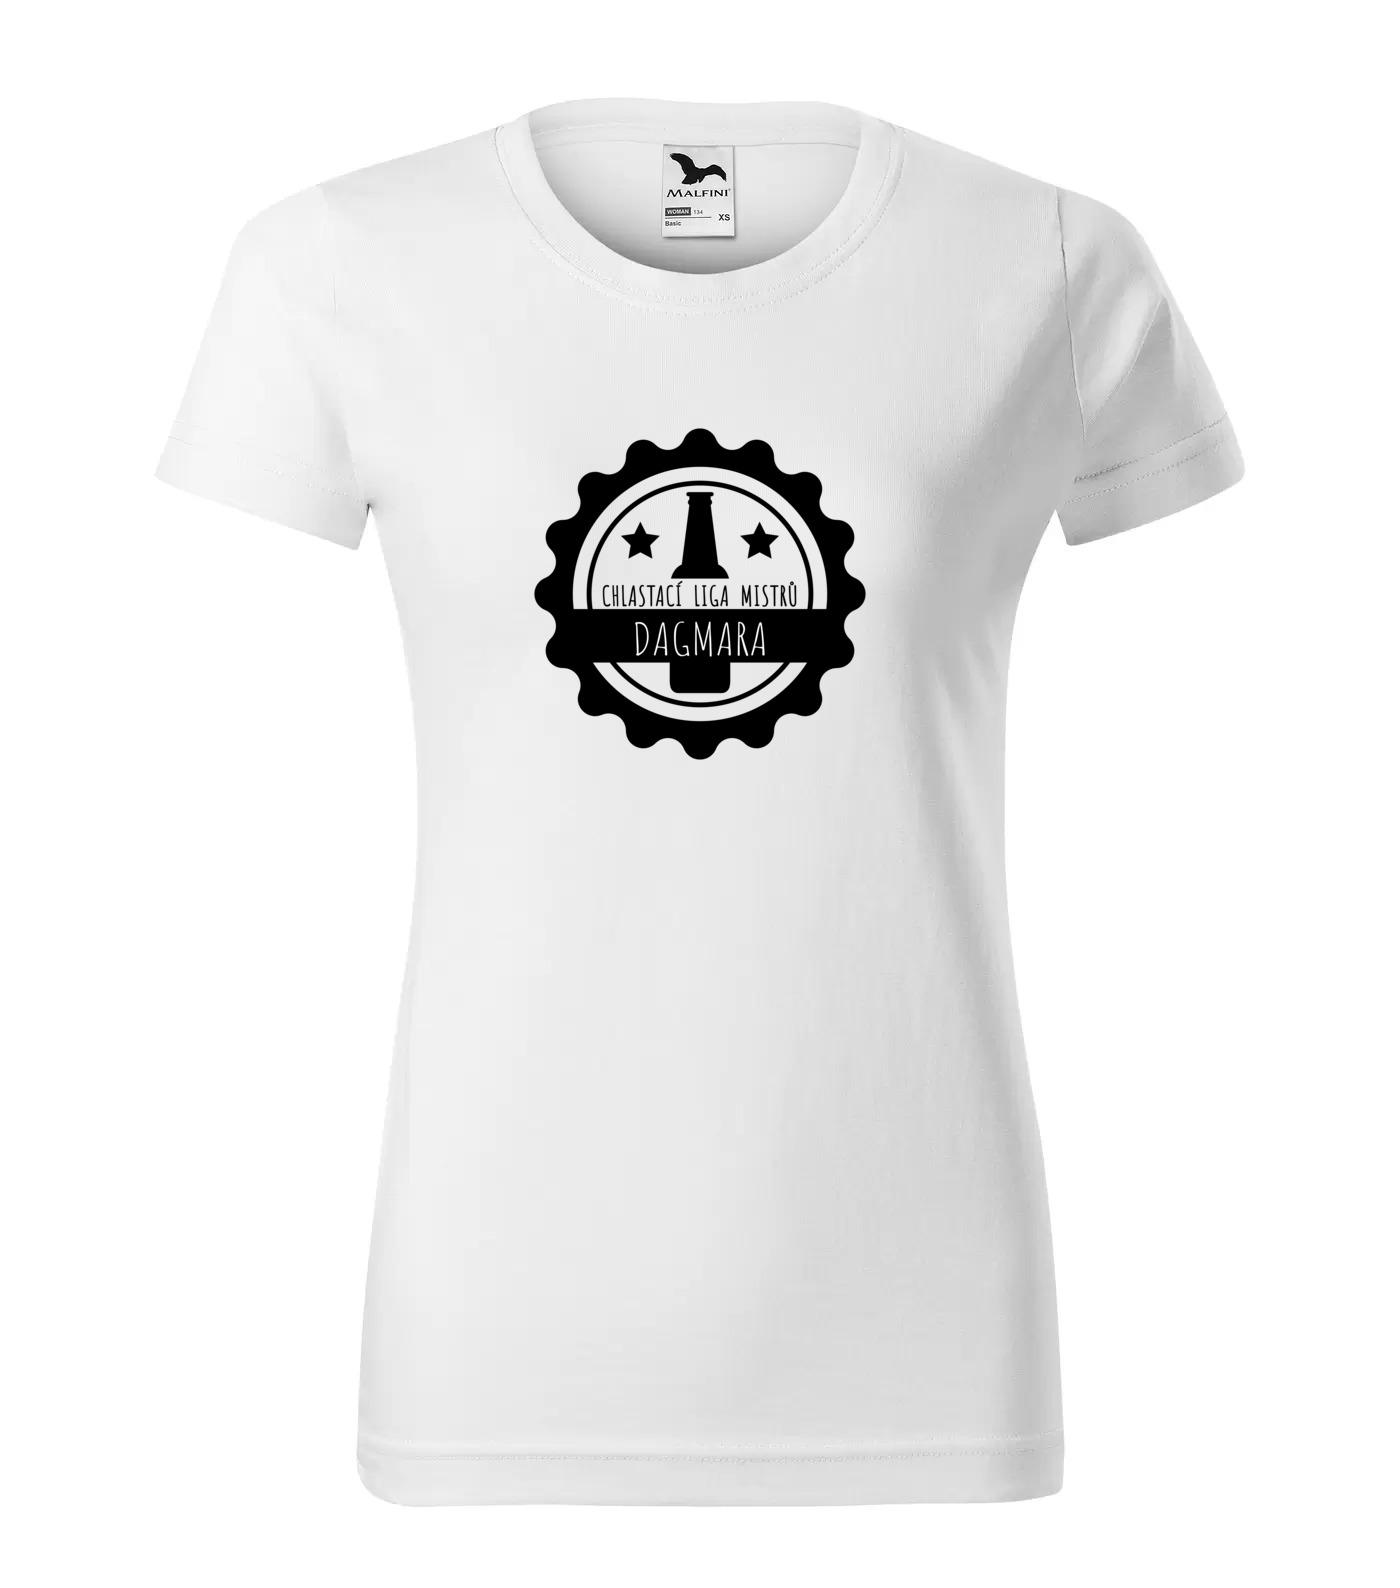 Tričko Chlastací liga žen Dagmara